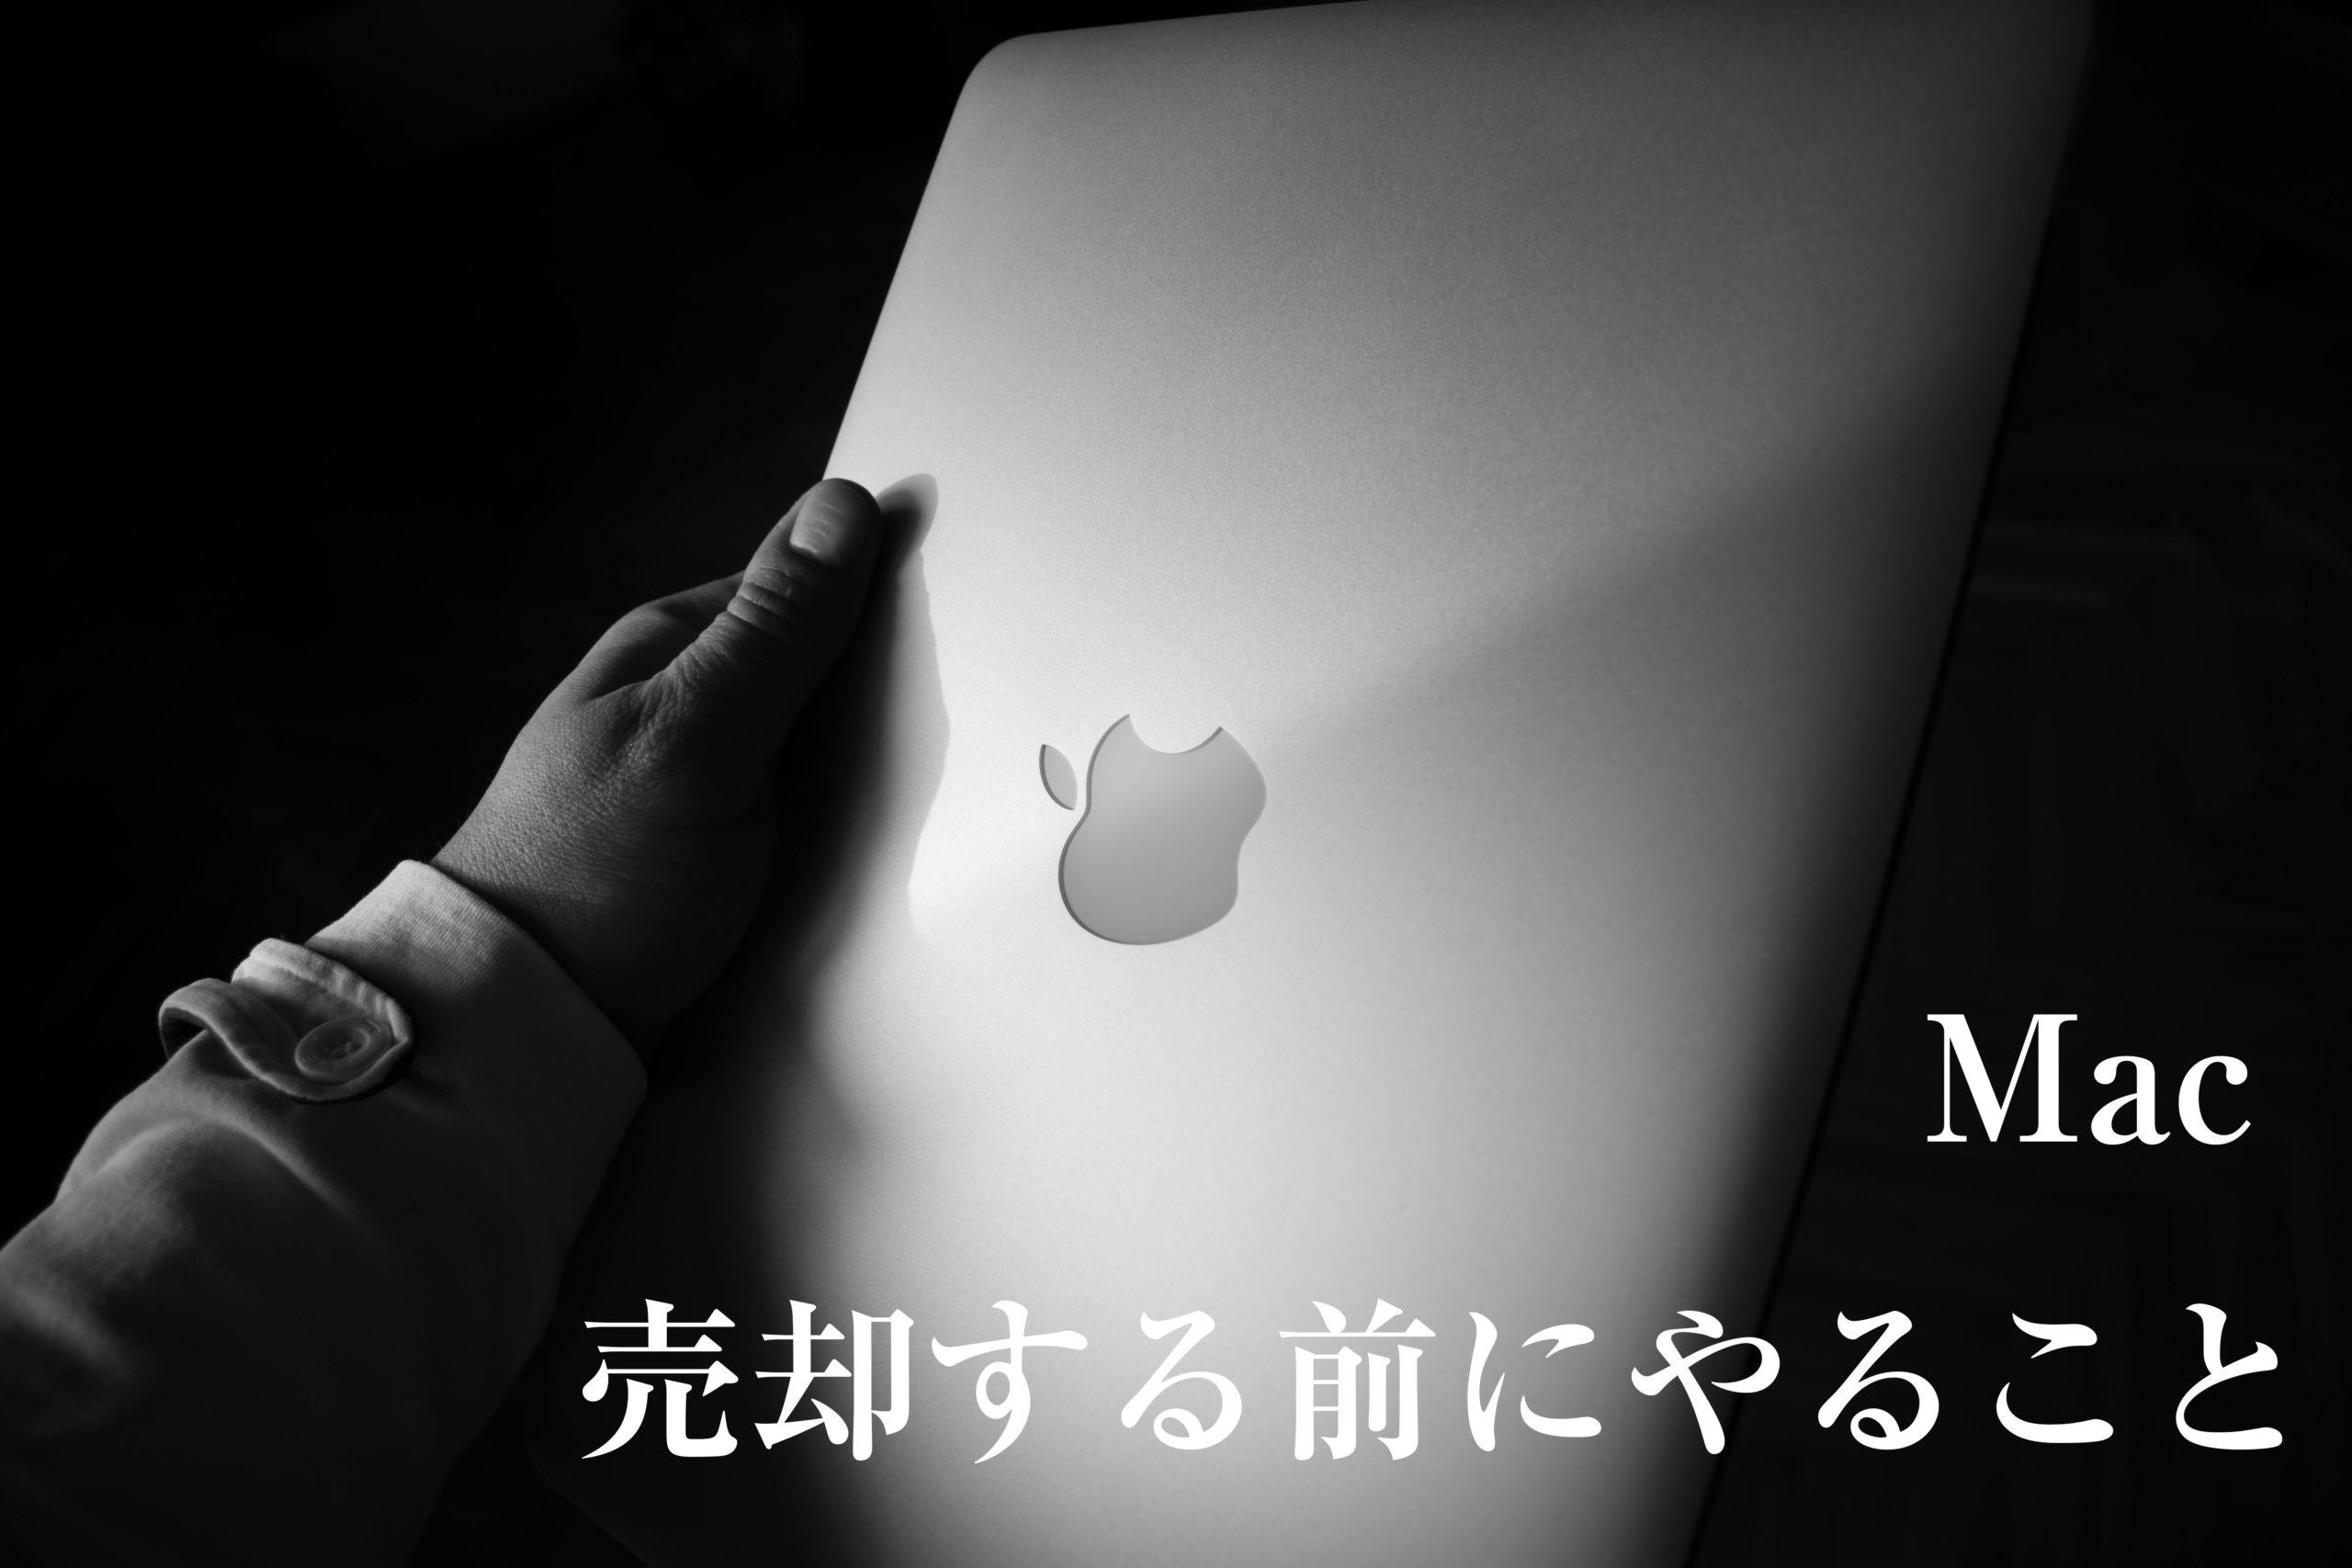 Macbook pro retina. Black and white photo.